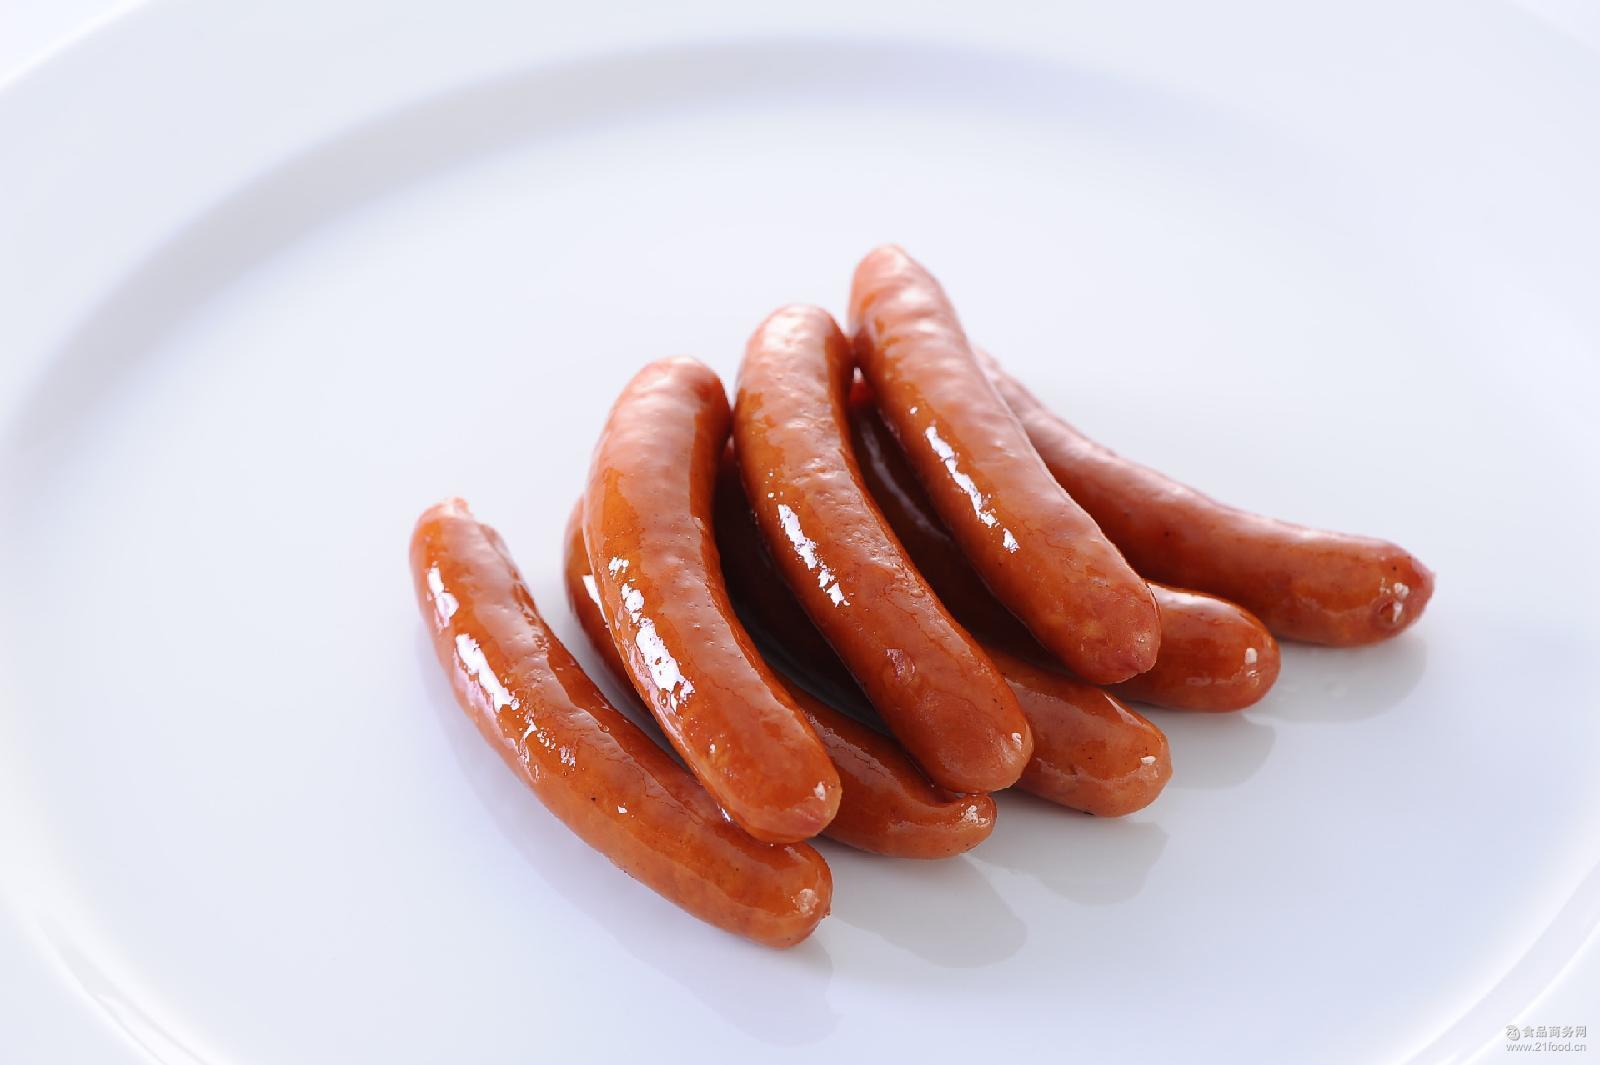 优质批发维也纳香肠脆皮香肠烧烤香肠猪肉香肠量大可议价酒店食品